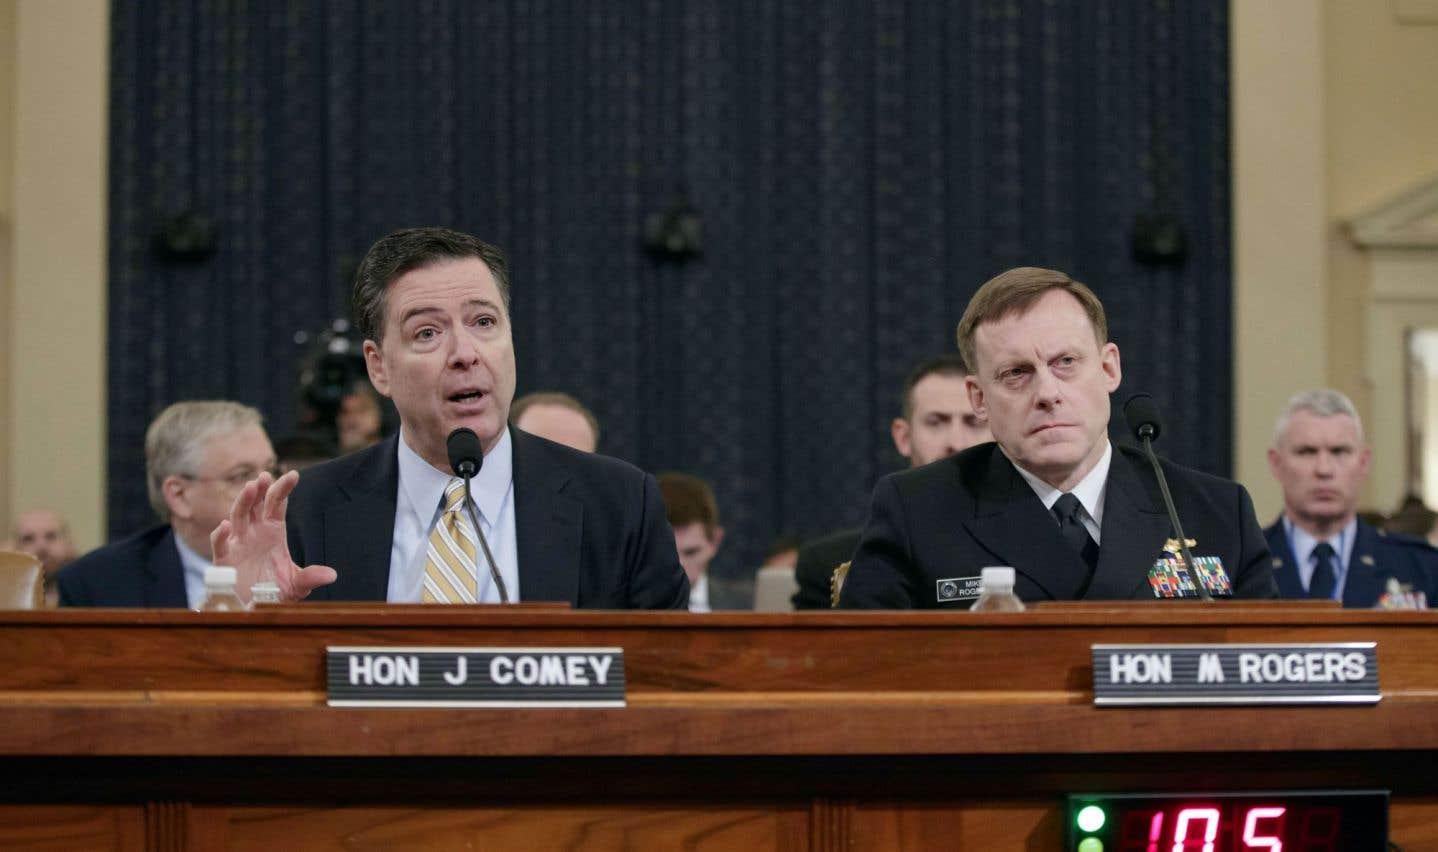 Les directeurs du FBI, James Comey, et de la NSA, Michael Rogers, ont témoigné lundi devant la commission des renseignements au Capitole.